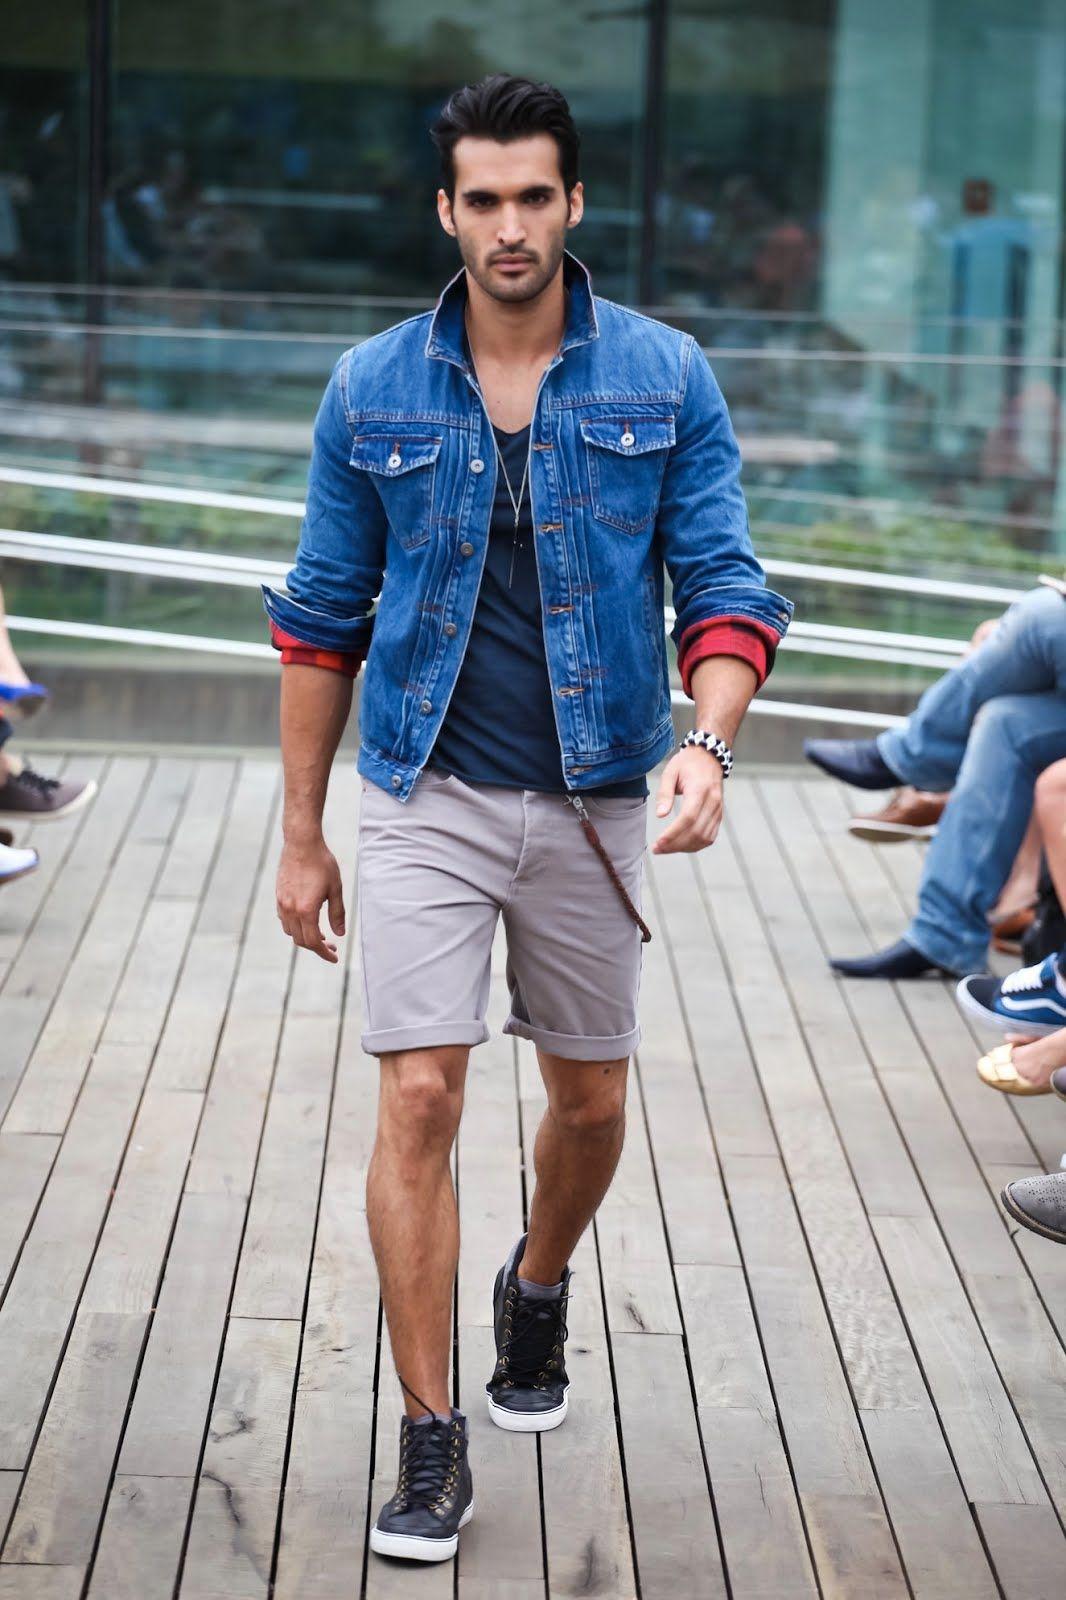 Topman - Primavera/Verão 2012/2013 | Brazil Male Models